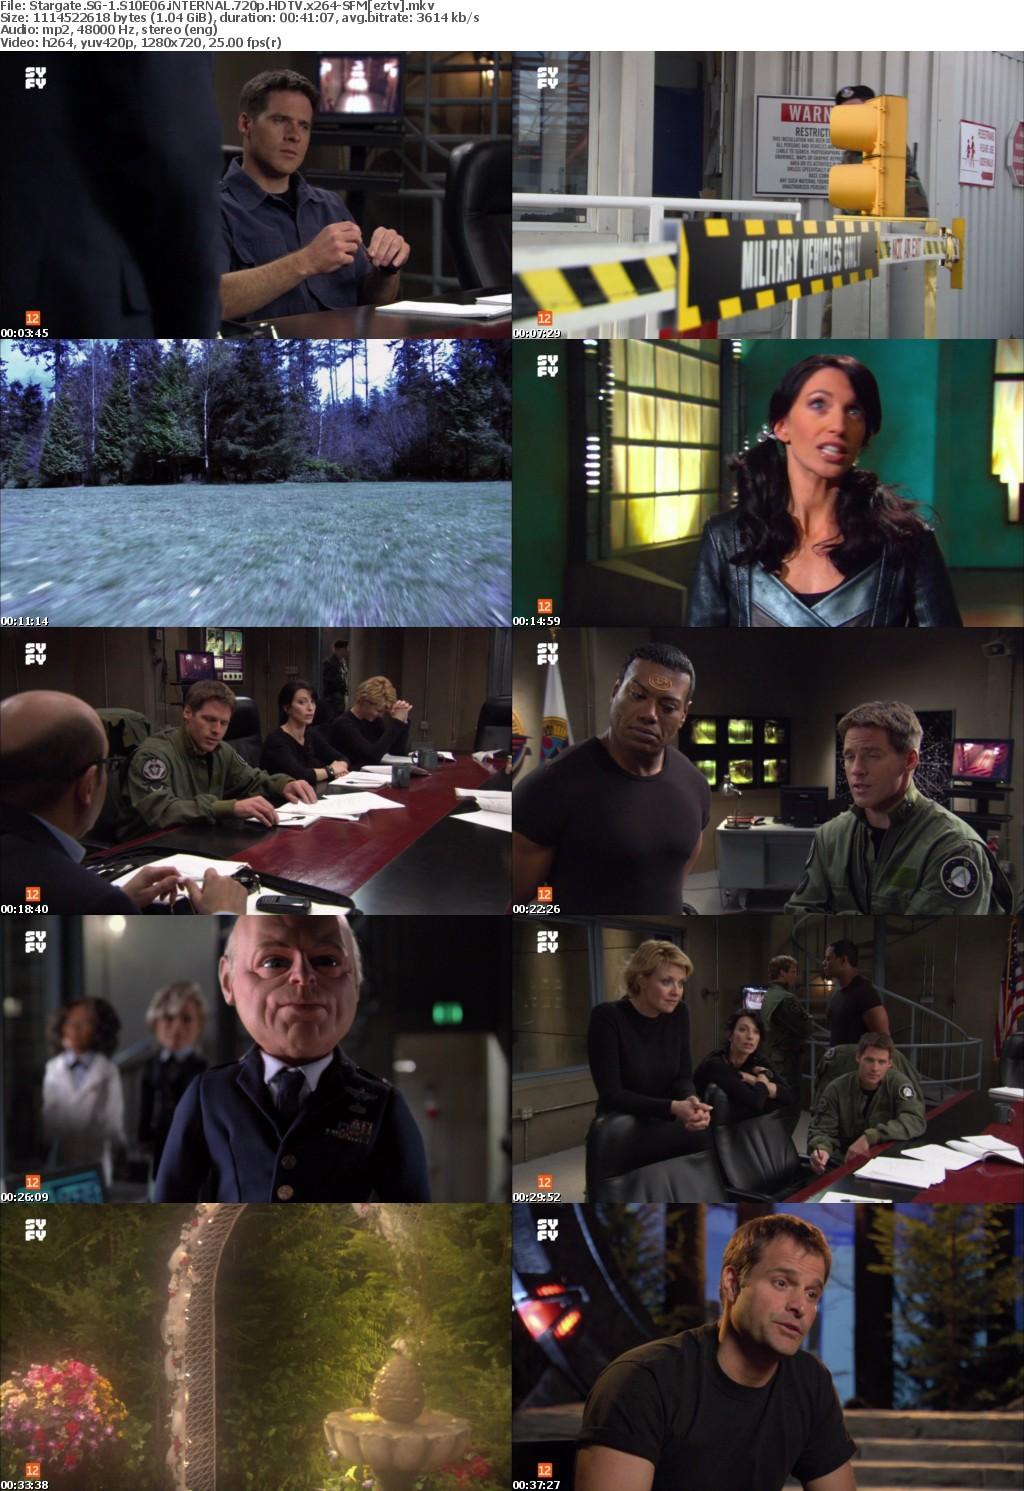 Stargate SG-1 S10E06 iNTERNAL 720p HDTV x264-SFM